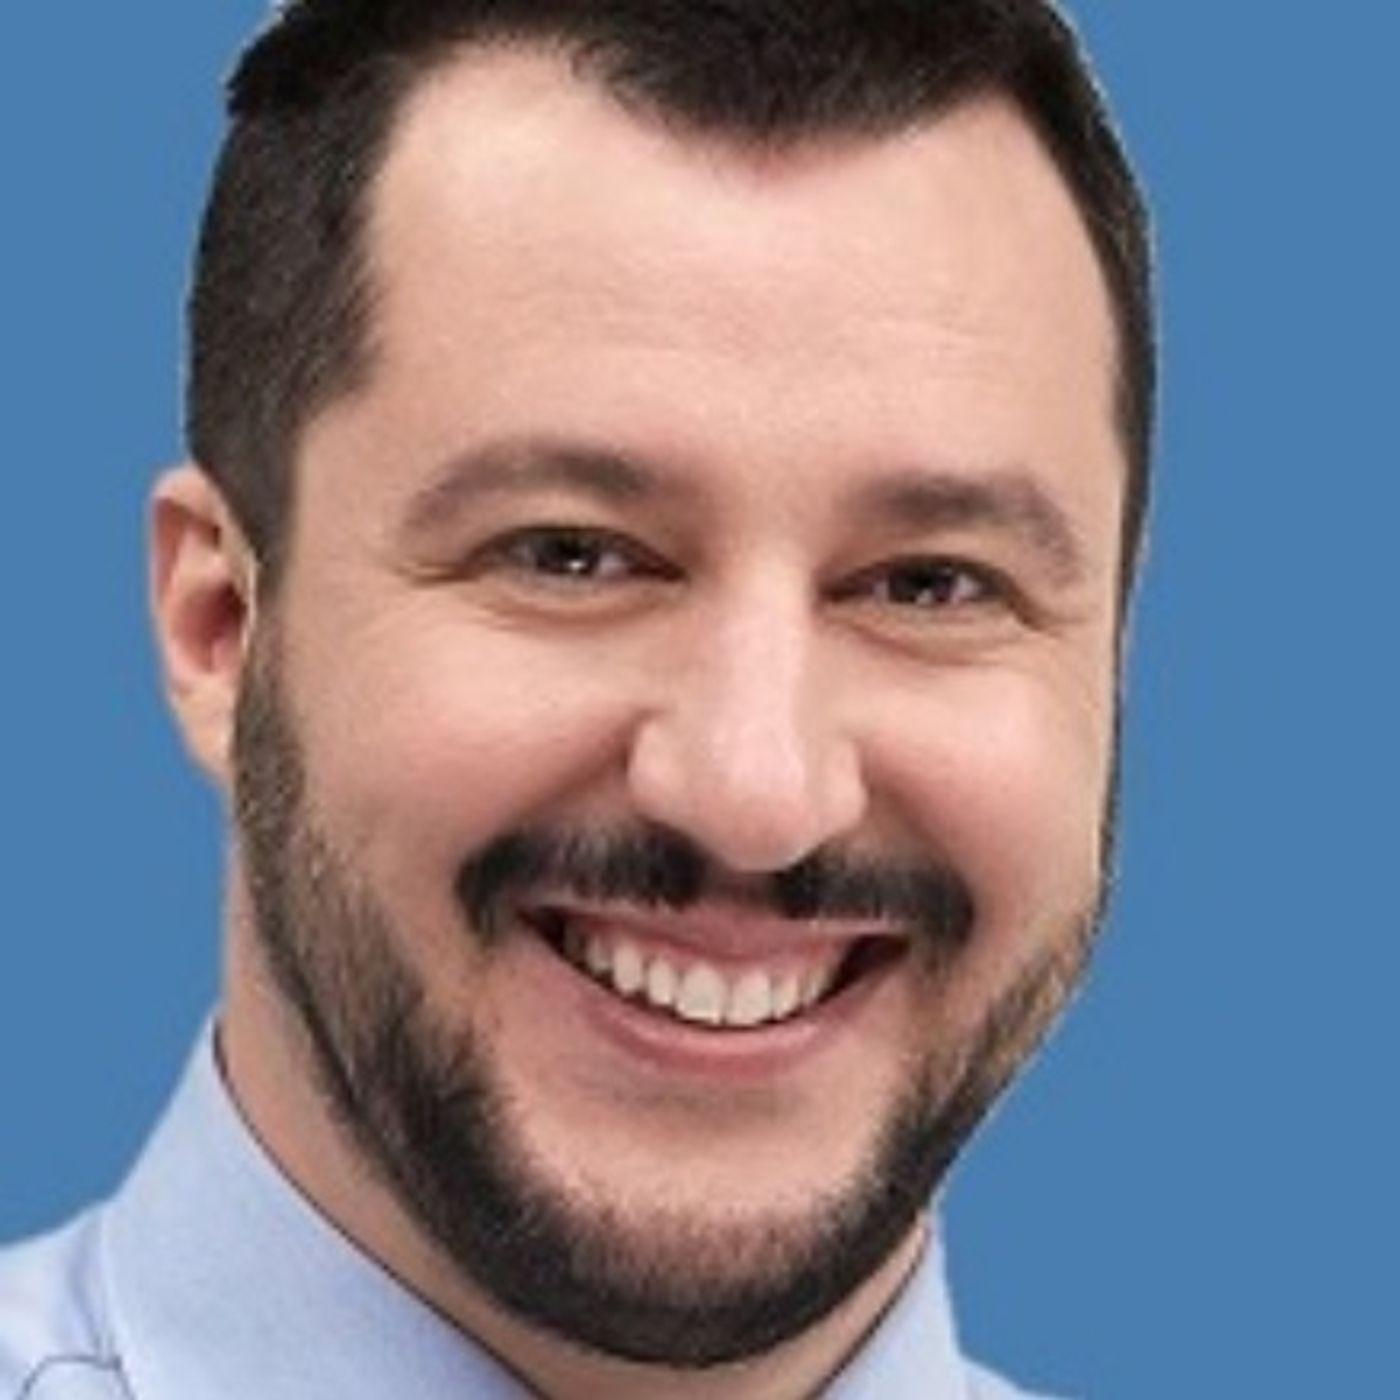 Il nemico della sinistra non è Salvini